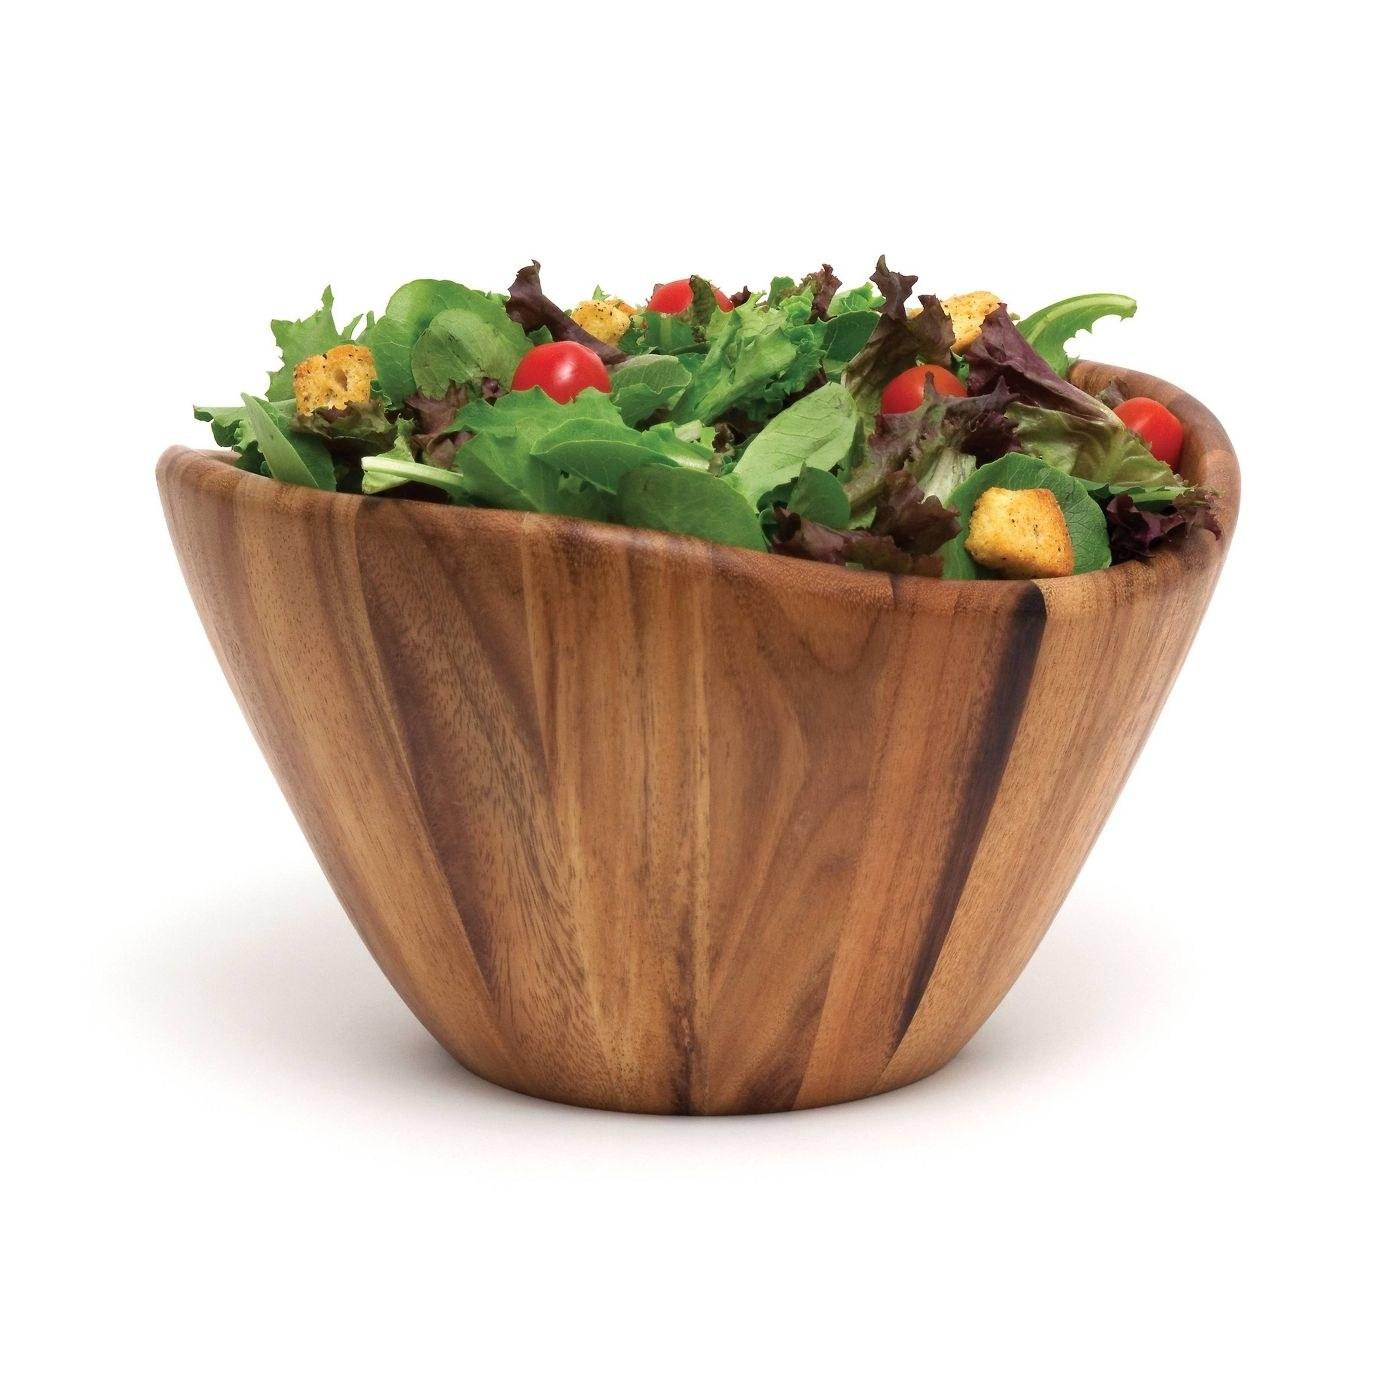 a deep wooden bowl